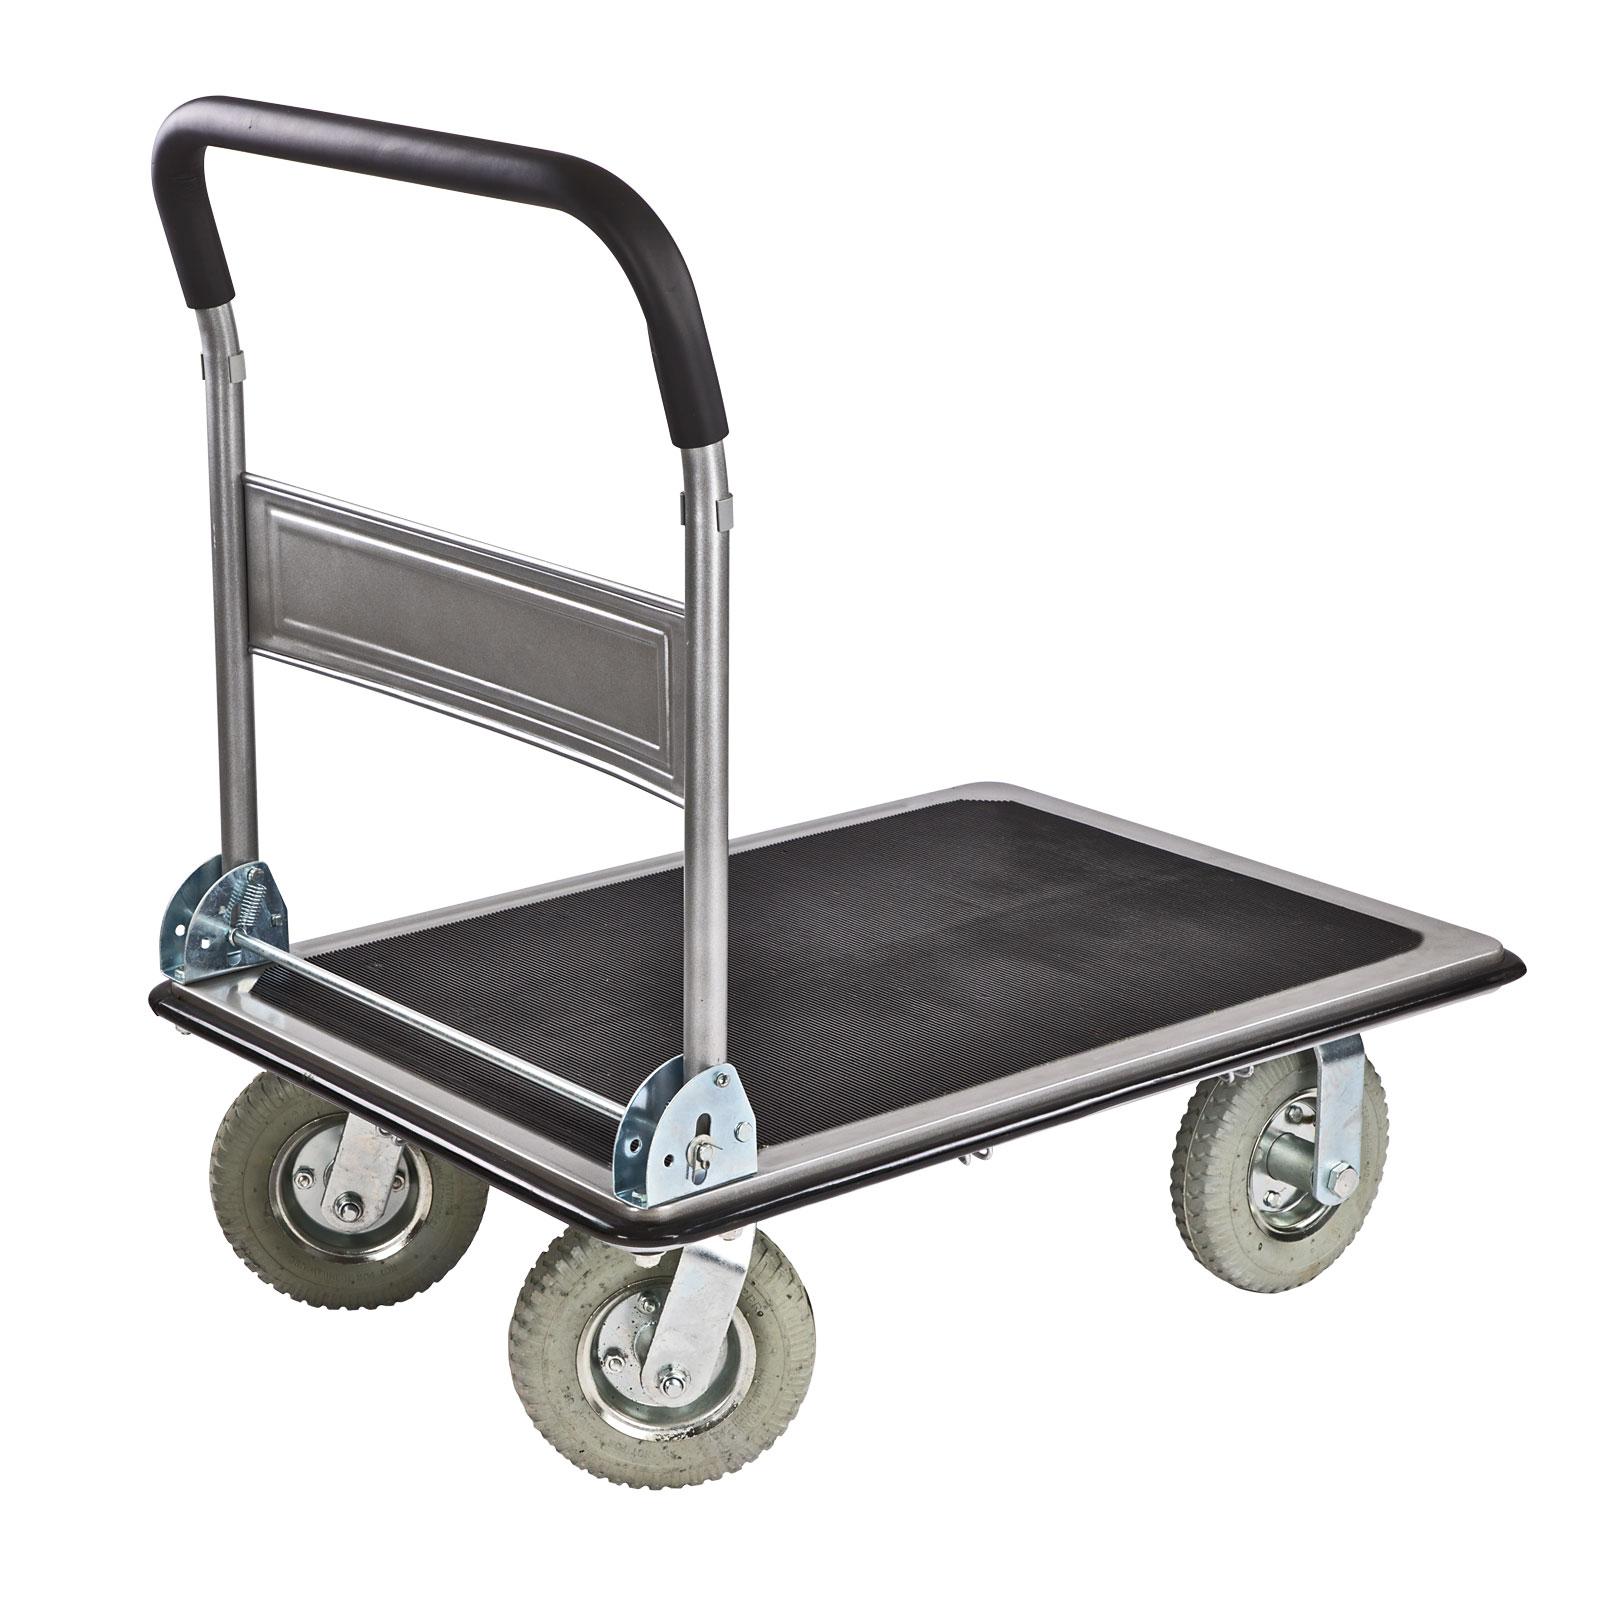 transportwagen klappbar handwagen plattformwagen klappwagen 300kg luftbereifung ebay. Black Bedroom Furniture Sets. Home Design Ideas